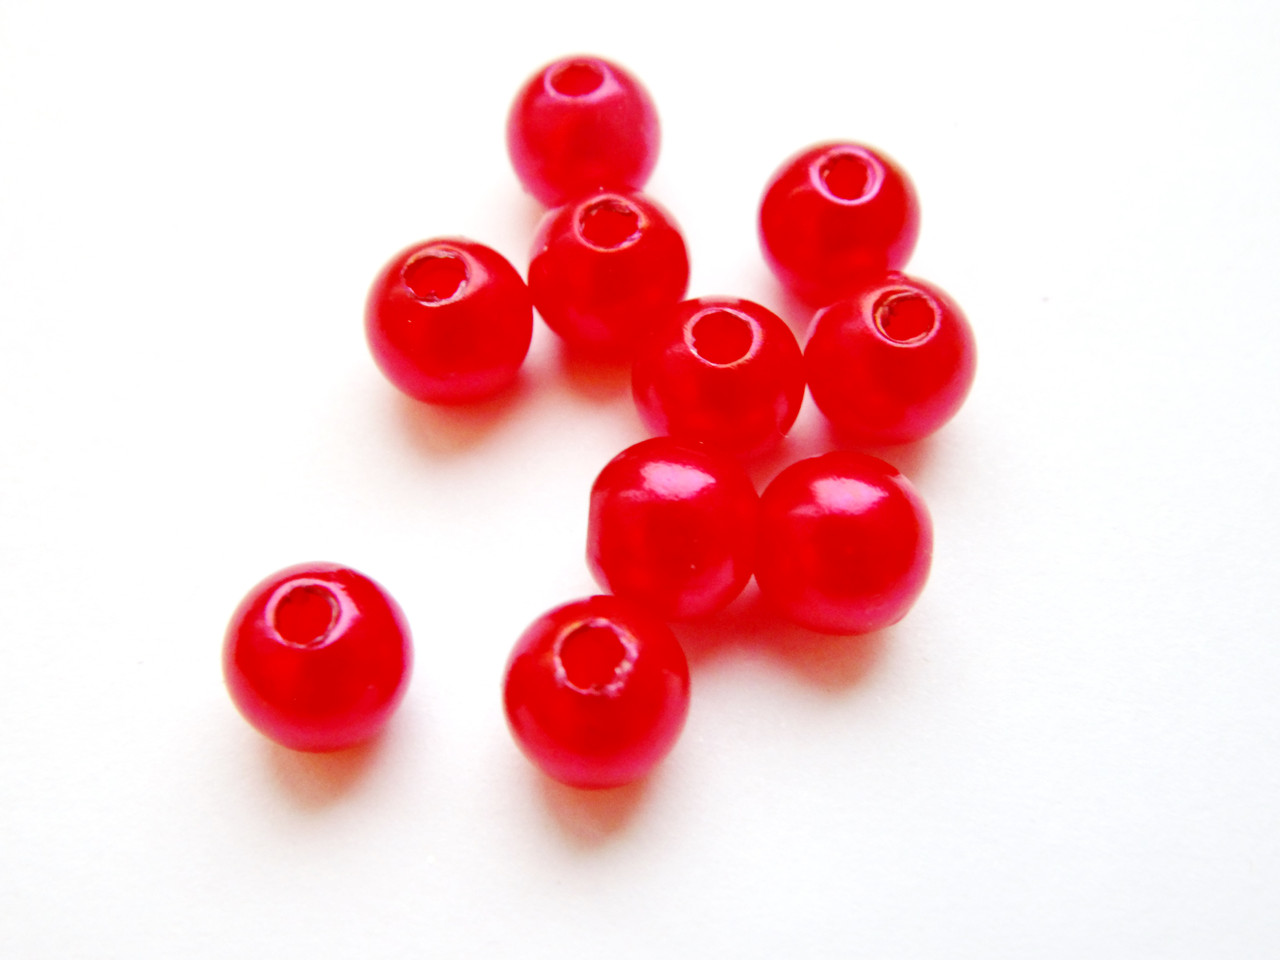 Намистини Червоні 6 мм акрил (50 шт.)